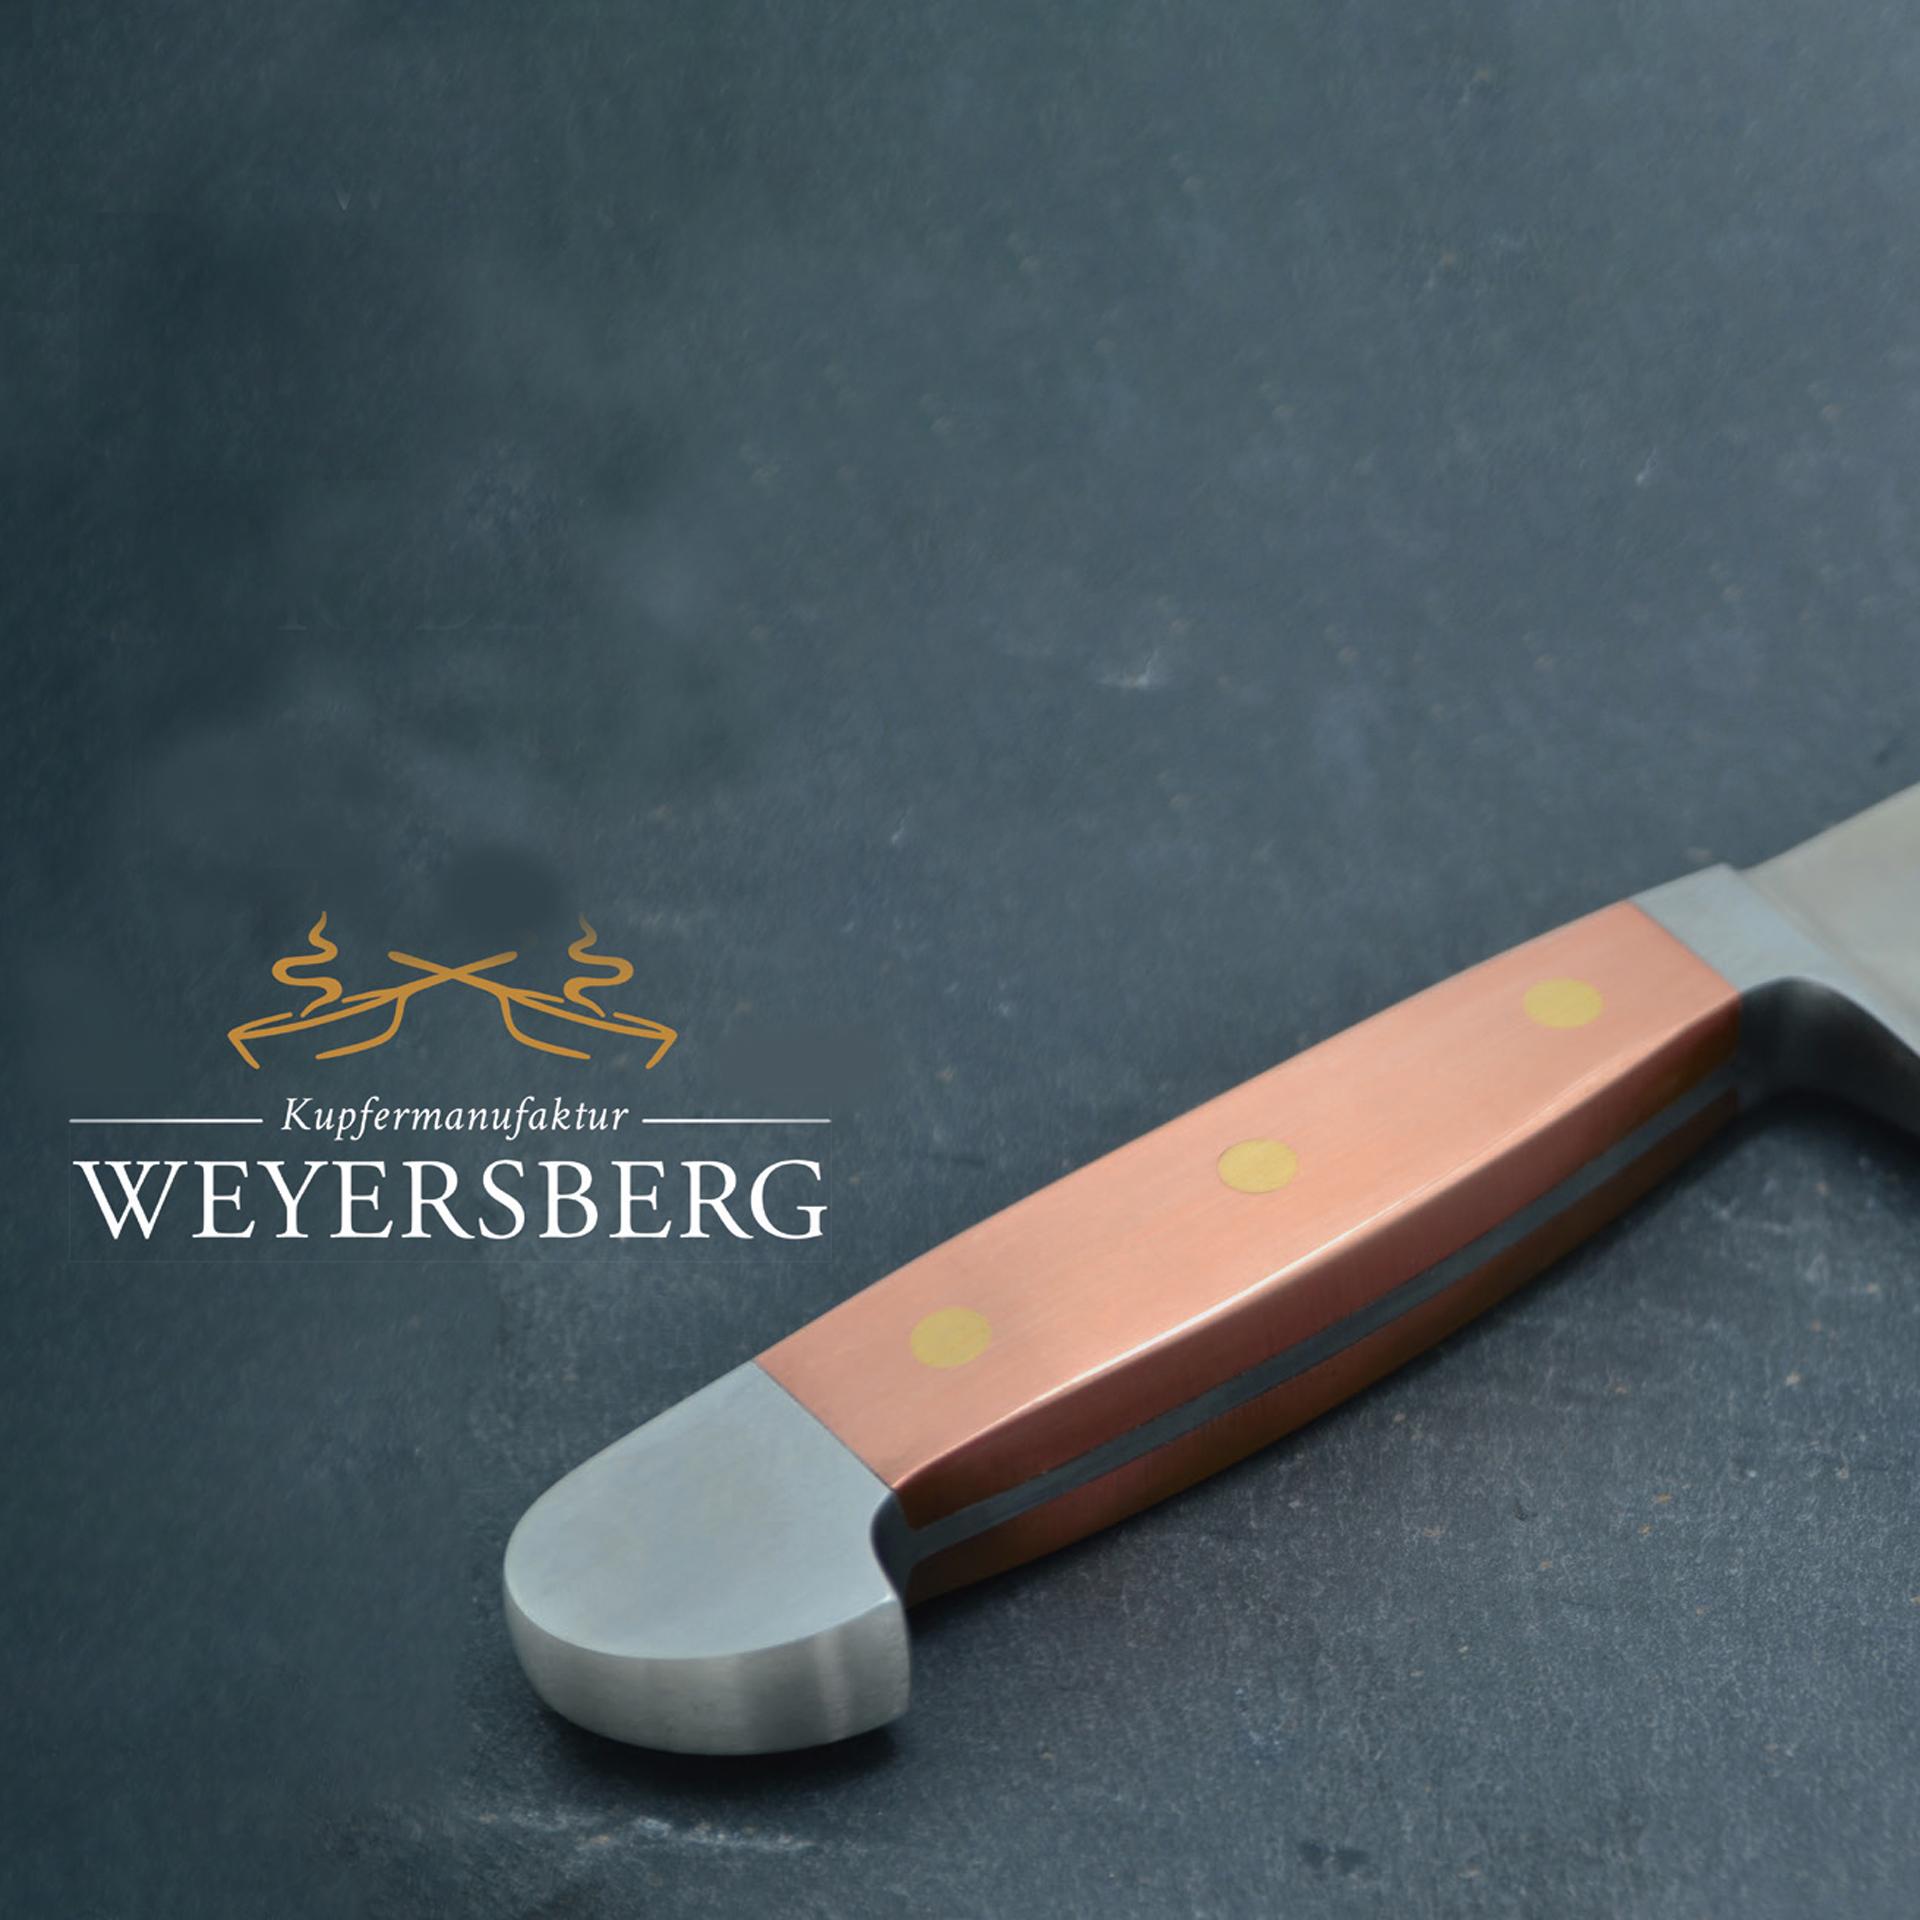 Kupfermanufaktur Weyersberg Kochmesser